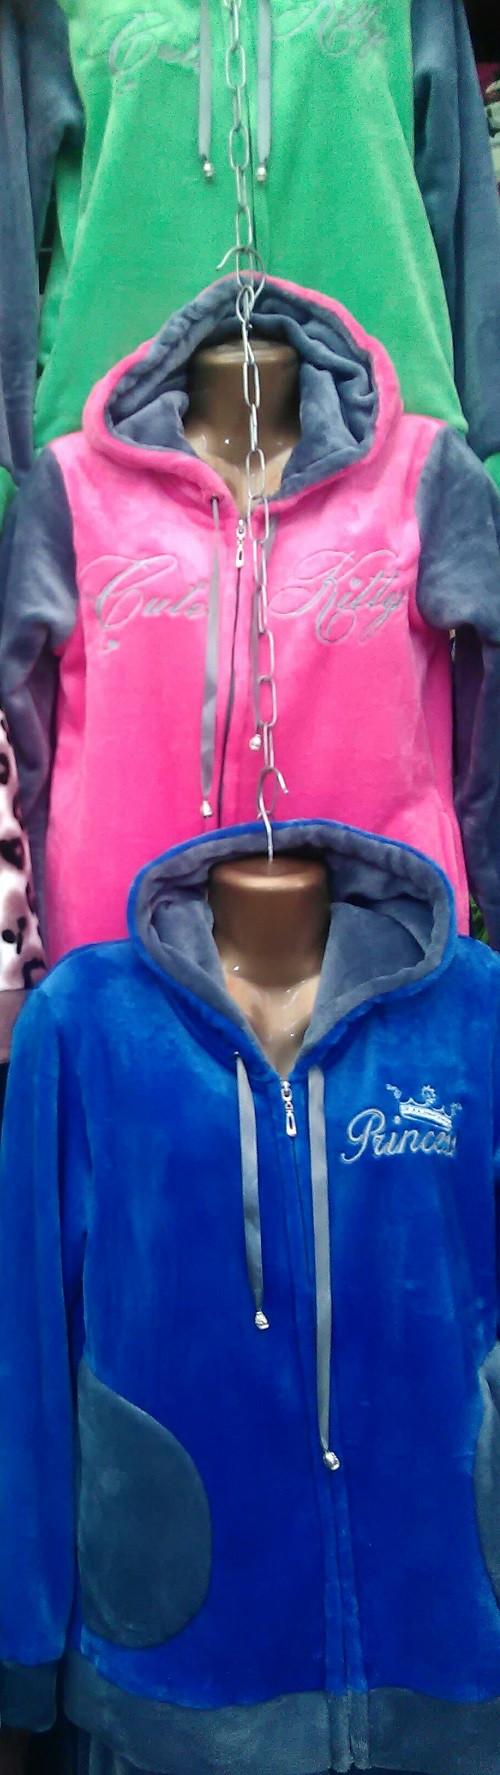 07288303268a9 Купить Зимняя женская махровая пижама-Турция продажа в интернет ...